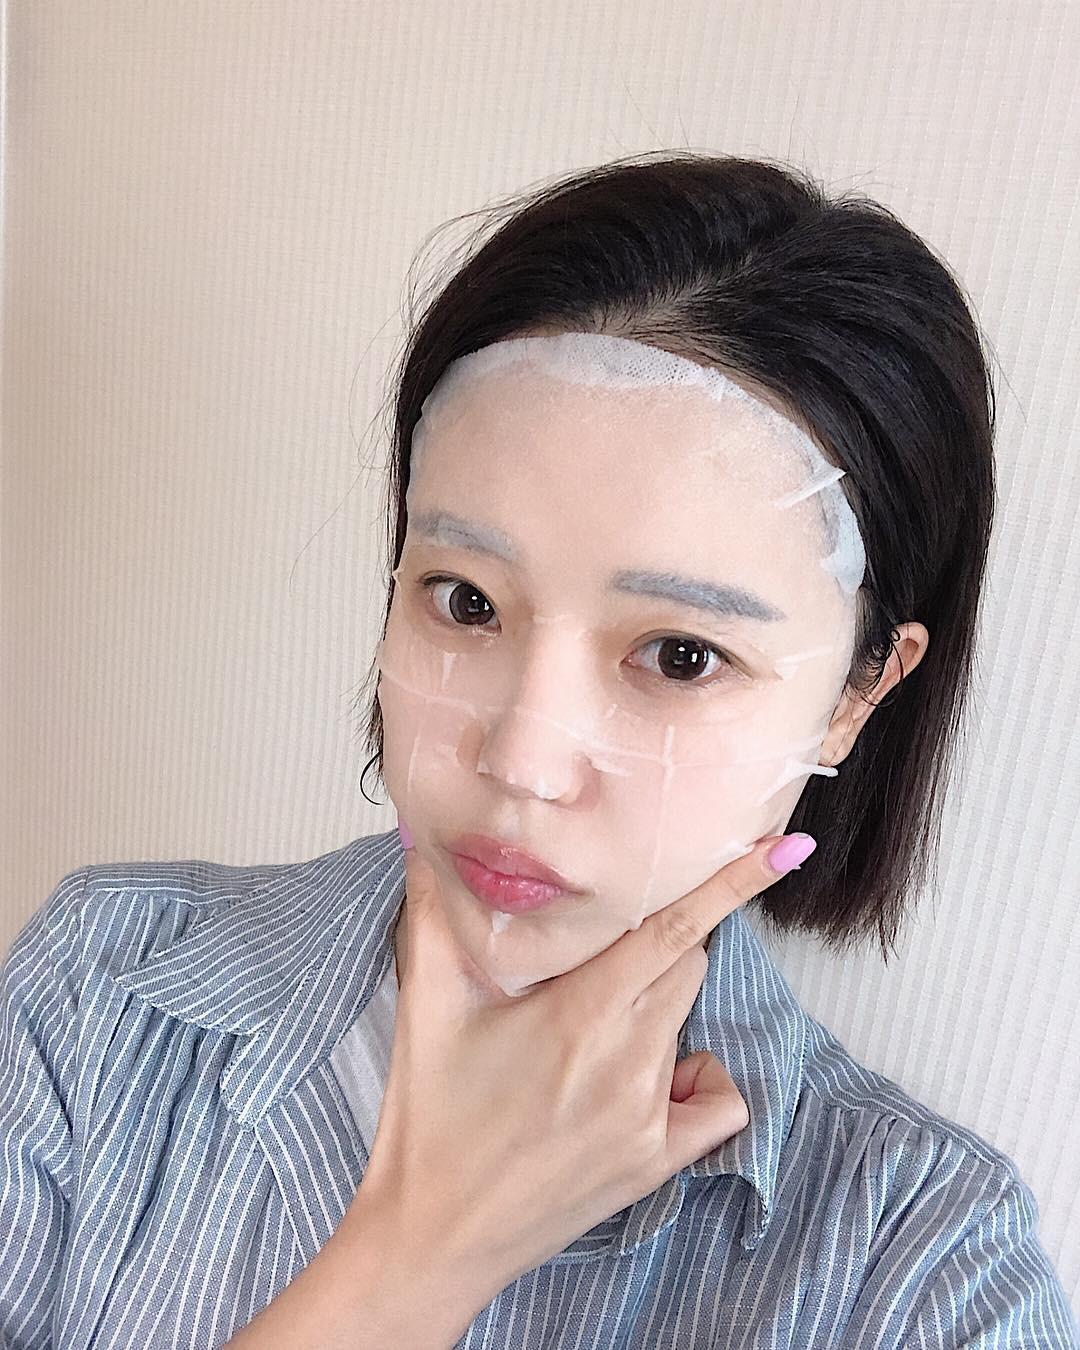 Mùa đông mà đắp mặt nạ theo cách này thì da không những không ẩm mượt mà còn nẻ toác - Ảnh 1